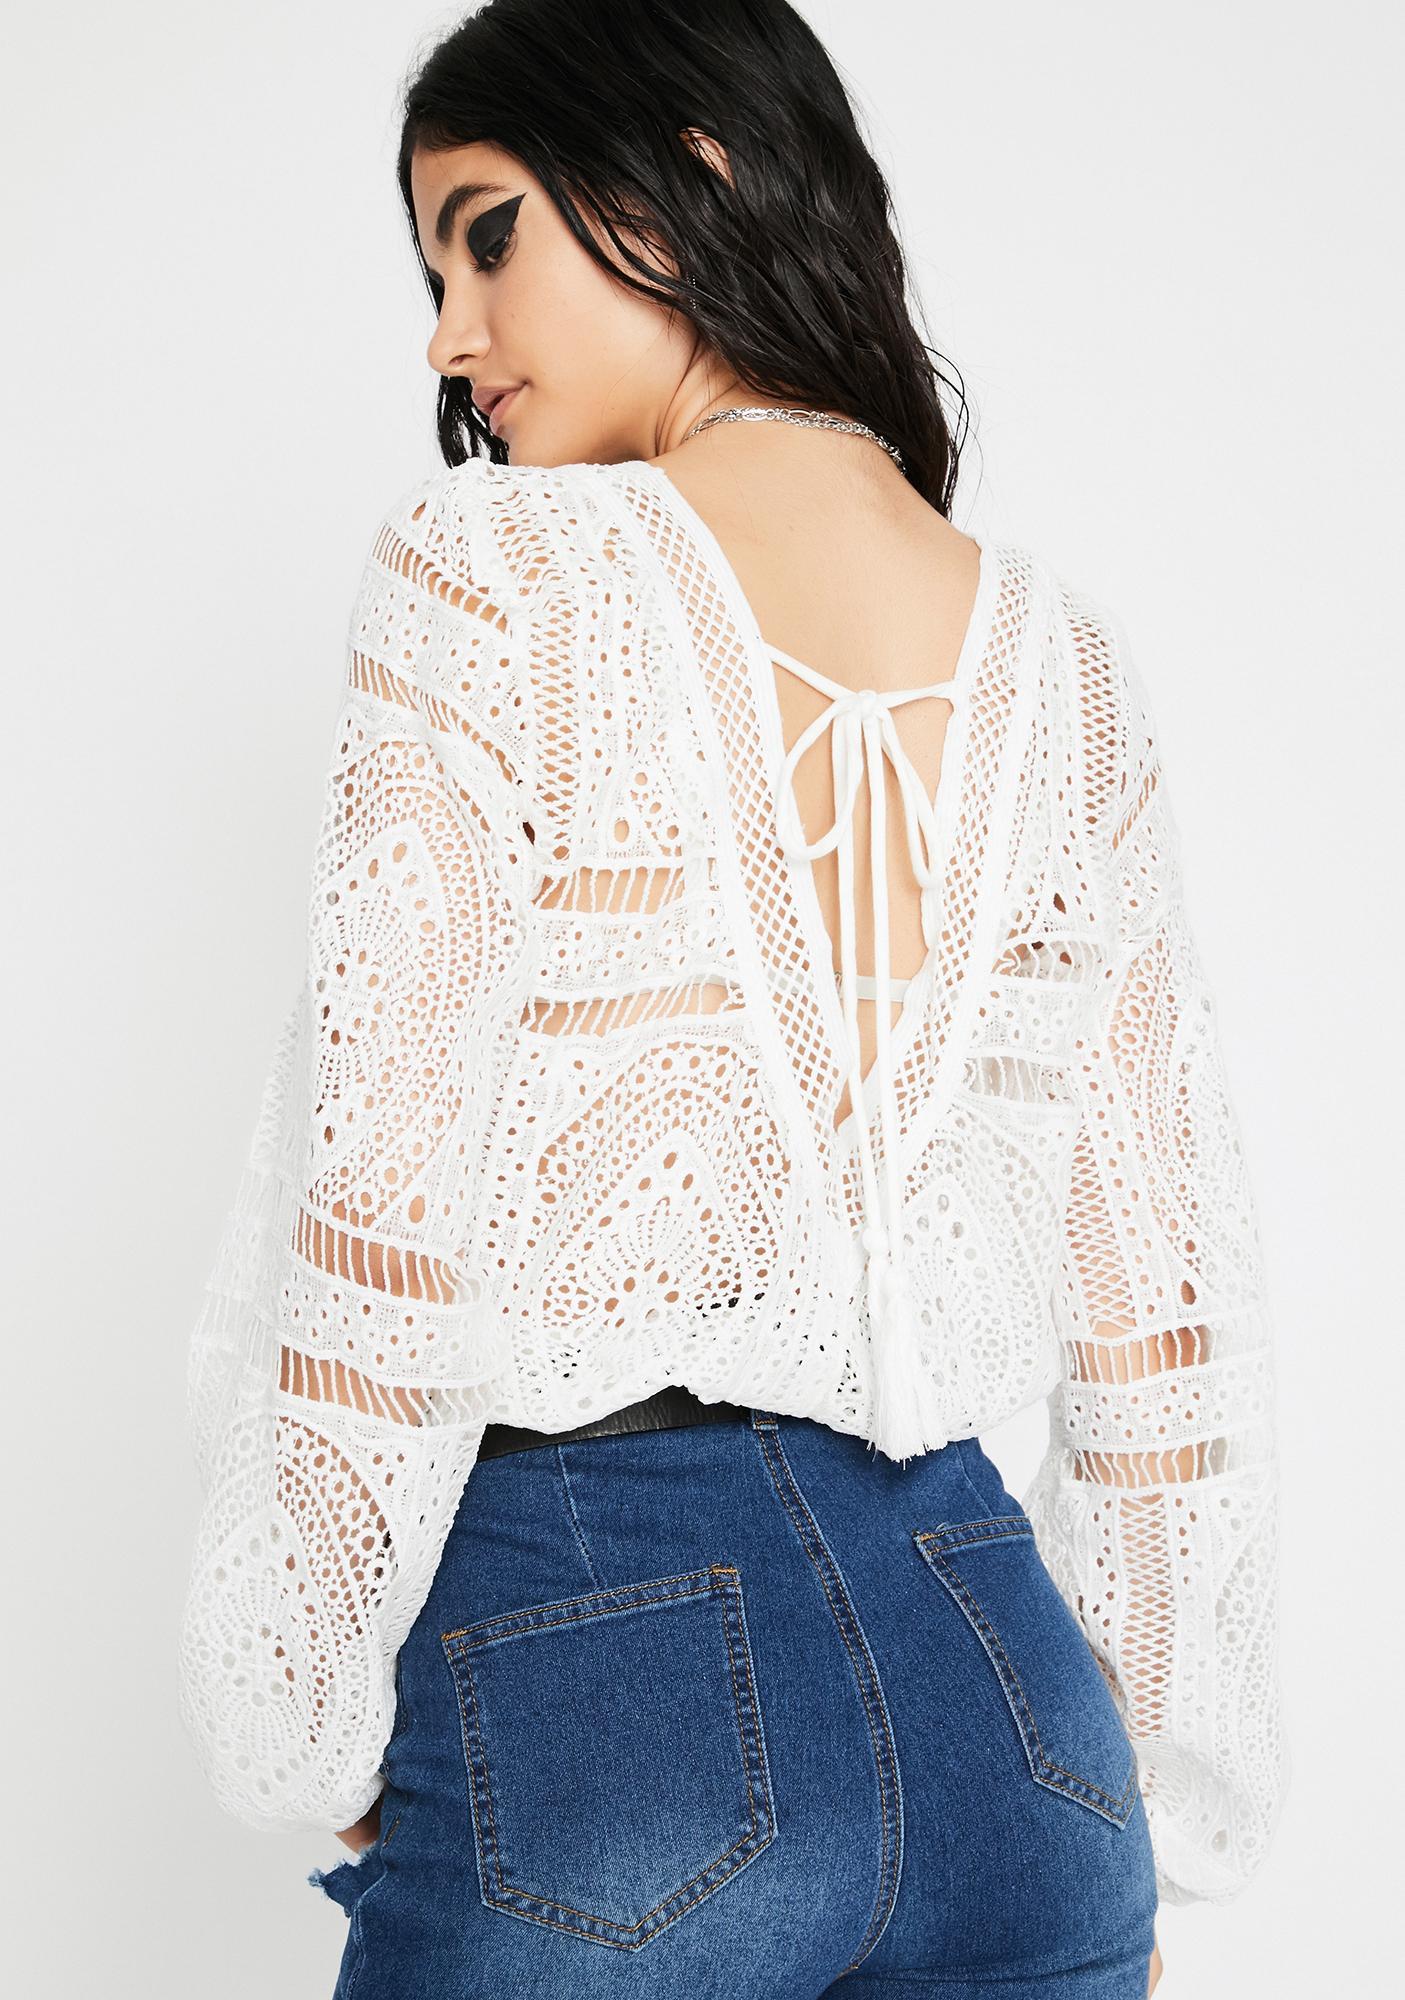 Magnolia Inner Spirit Crochet Bodysuit